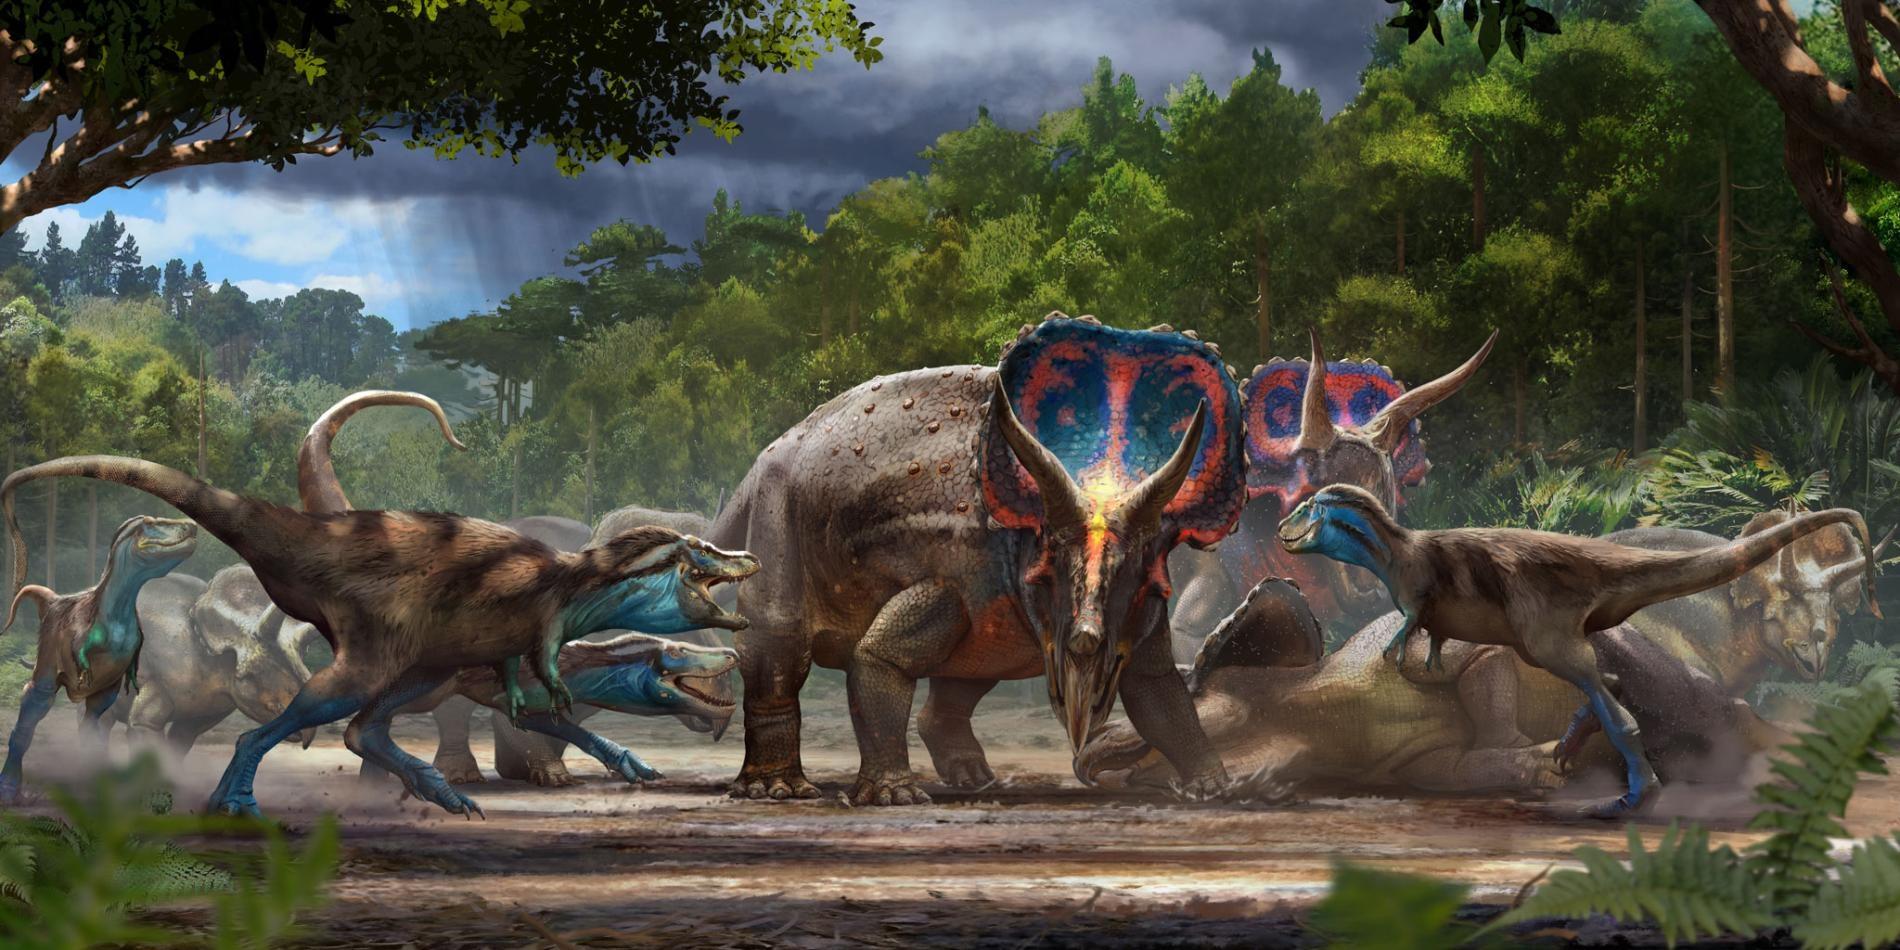 決鬥恐龍的化石可能呈現出一隻三角龍與一隻霸王龍亞成體之間的致命爭鬥,上圖是藝術家重建出的史前美國蒙大拿州。 ILLUSTRATION BY ANTHONY HUTCHINGS